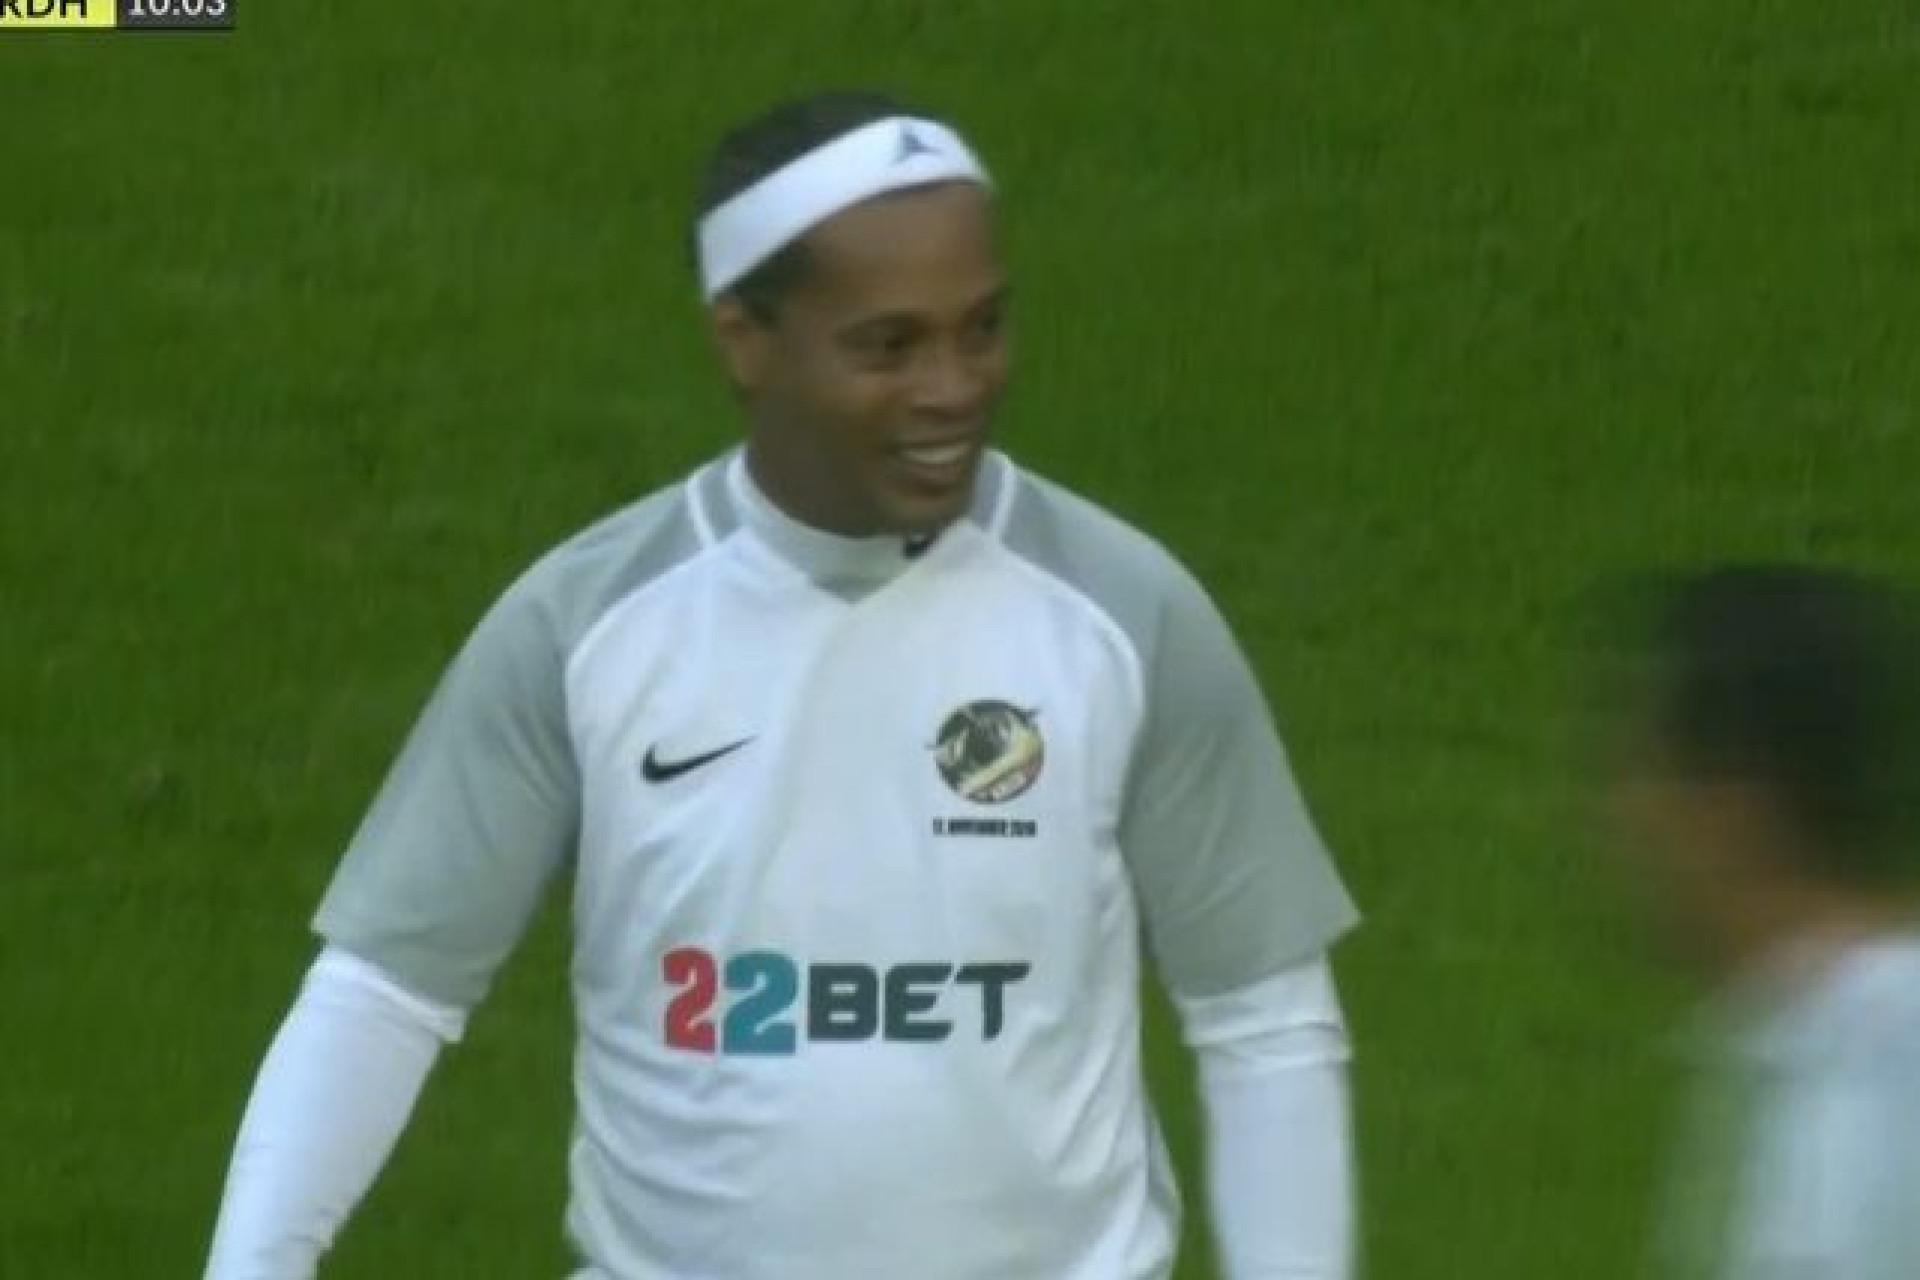 Em jogo de beneficência, Ronaldinho mostra que ainda não perdeu a magia